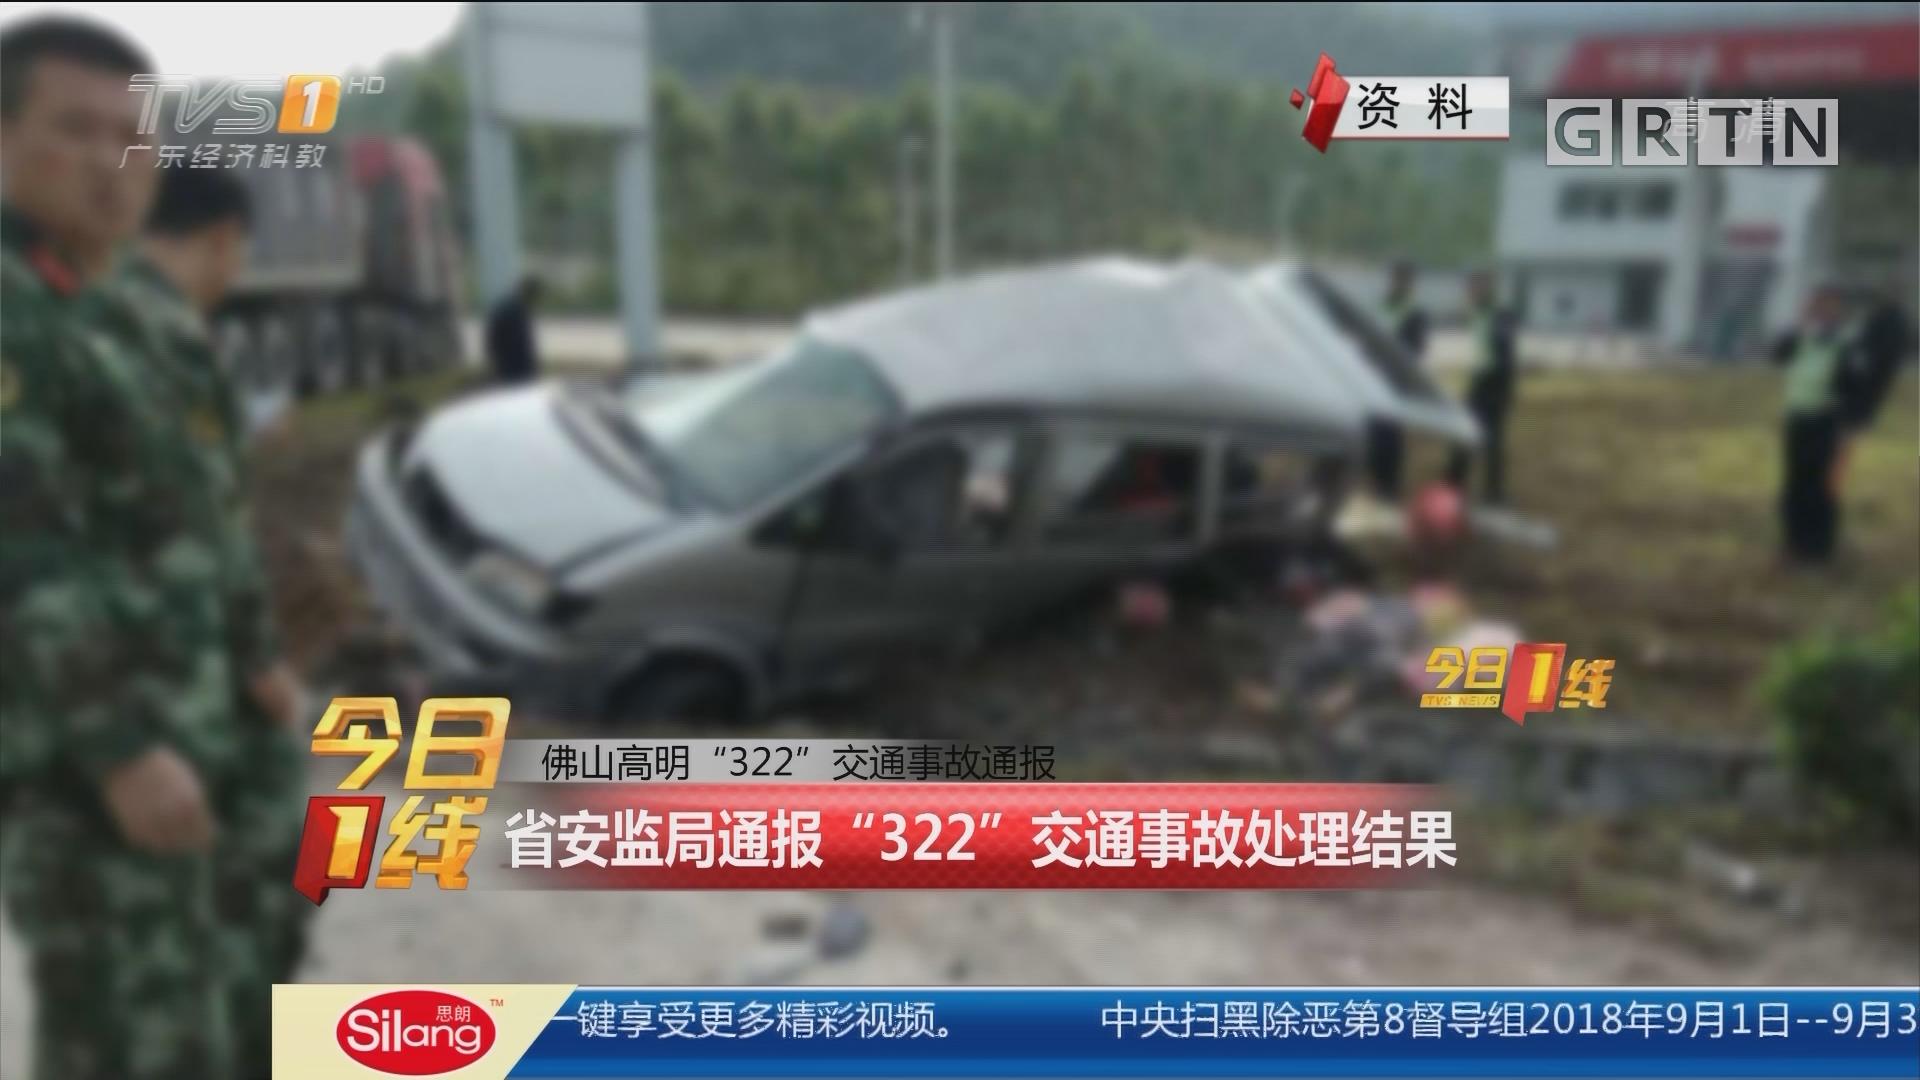 """佛山高明""""322""""交通事故通报:省安监局通报""""322""""交通事故处理结果"""